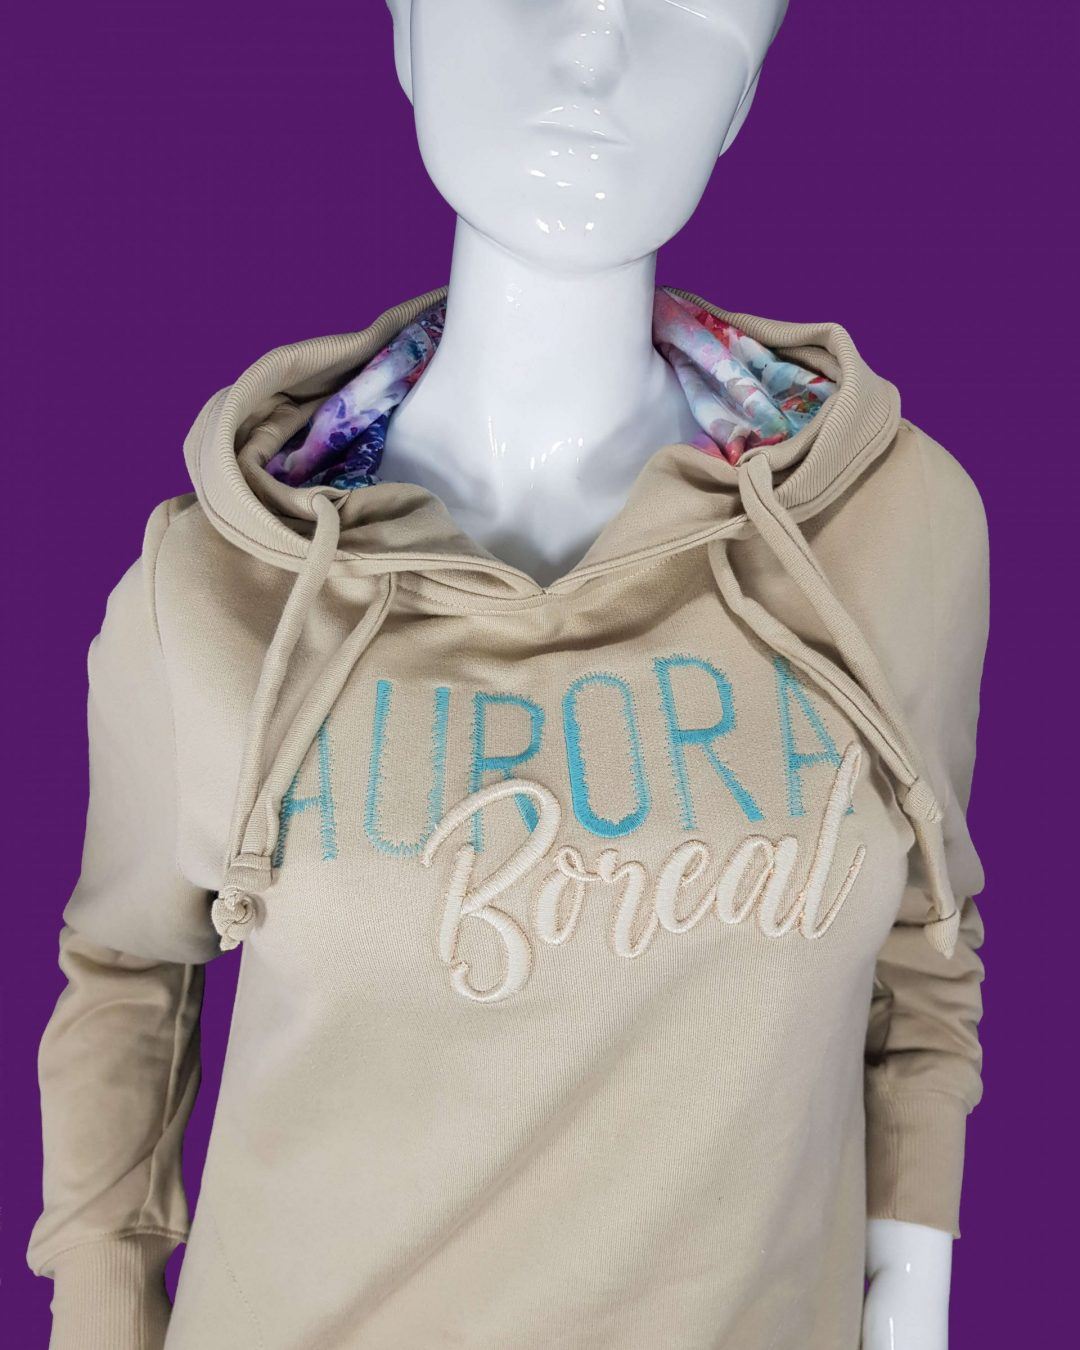 Ropa de moda, buzo electra - Aurora Boreal